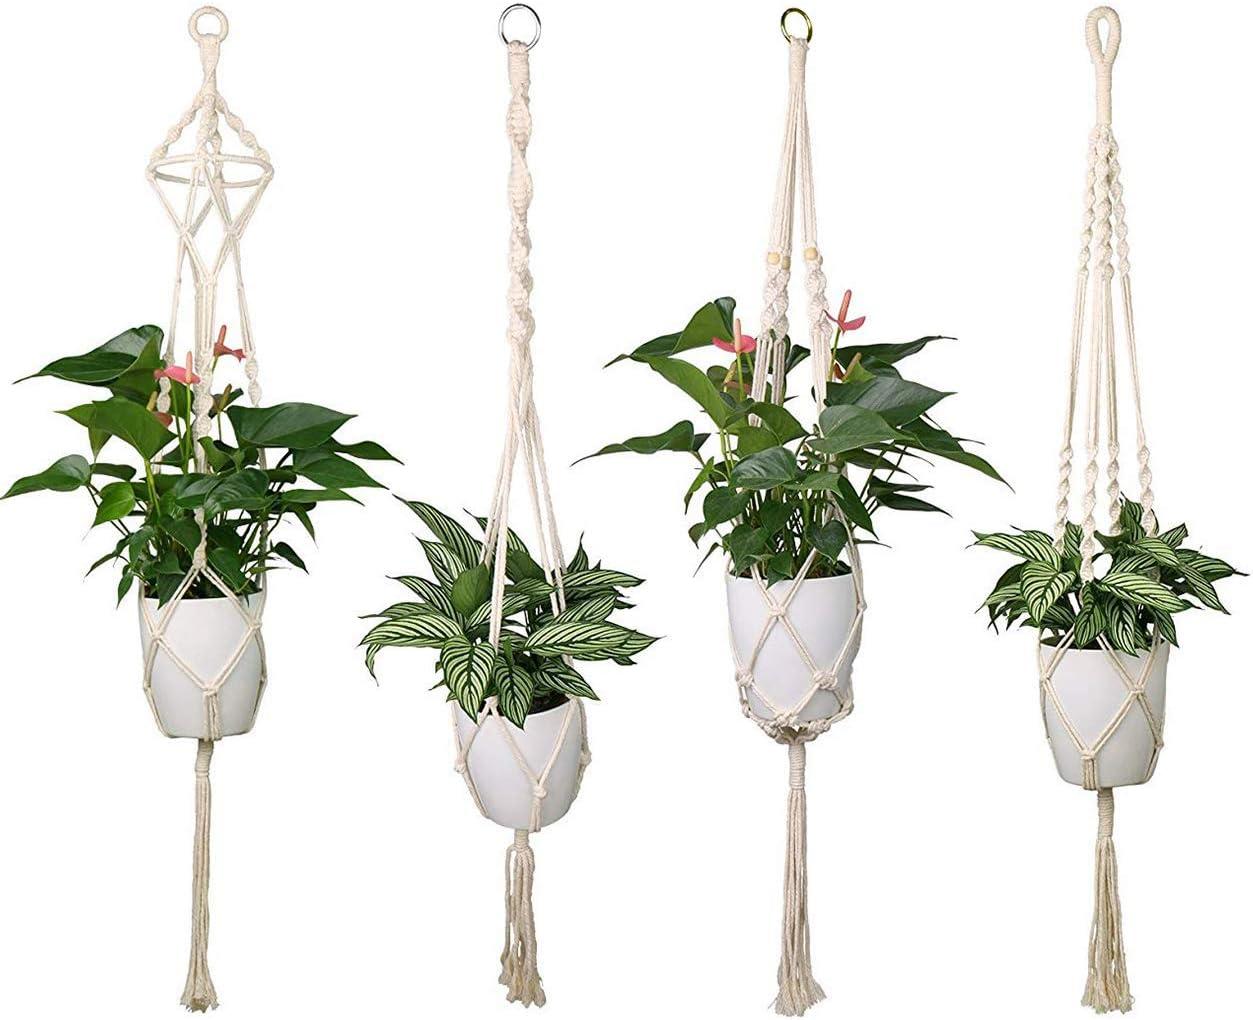 Luxbon Set van 4 Macramé Plantenhanger Hangende Bloempot met Katoenen Touw Plantenhouder - voor Binnen en Buiten Plafond Balkon Muur Decoratie 41 inch, 4 poten prijskenner